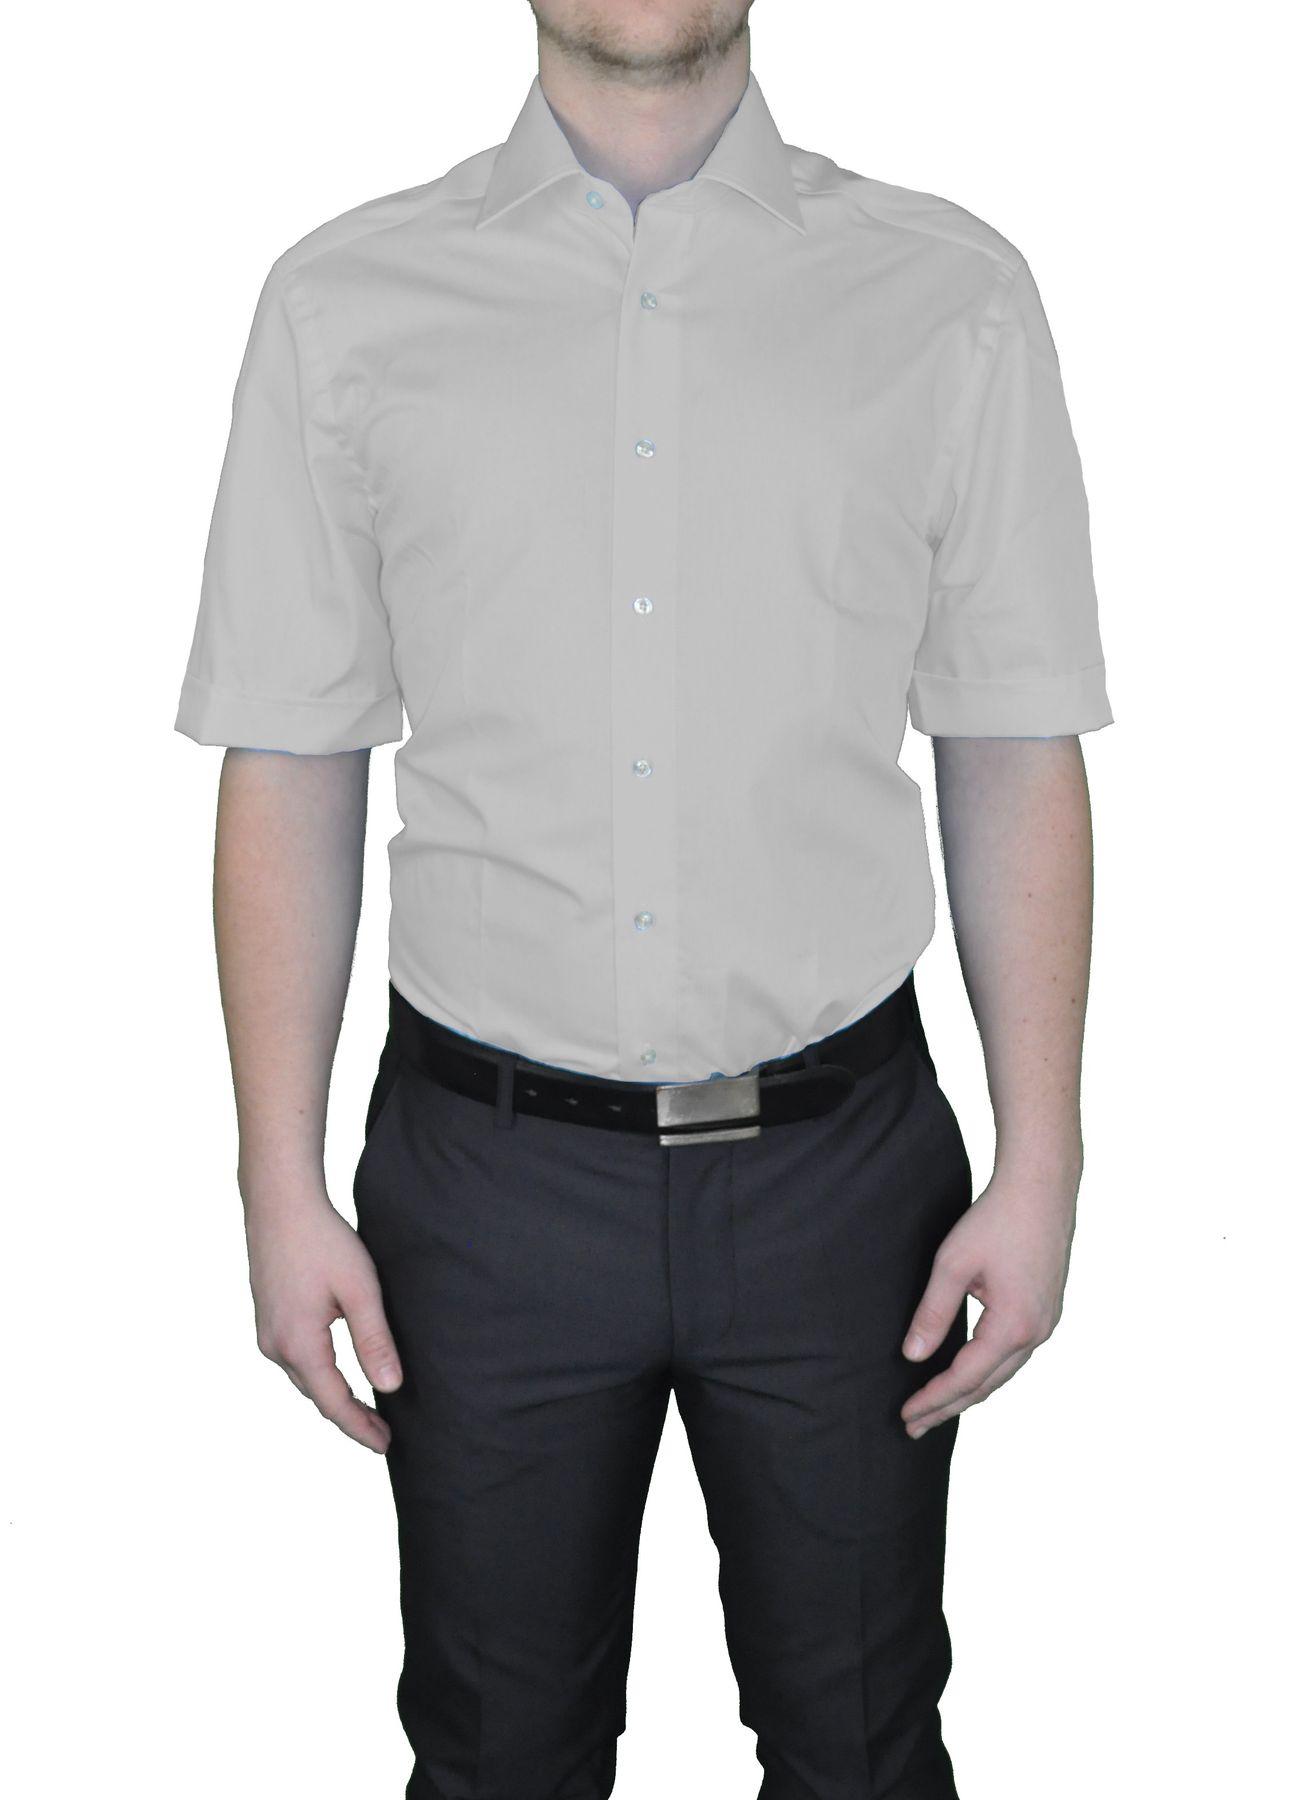 Bügelfreies Herren Kurzarm Hemd in verschiedenen Farben, Stil: BODY CUT, Marke REDMOND(150910 A) – Bild 10